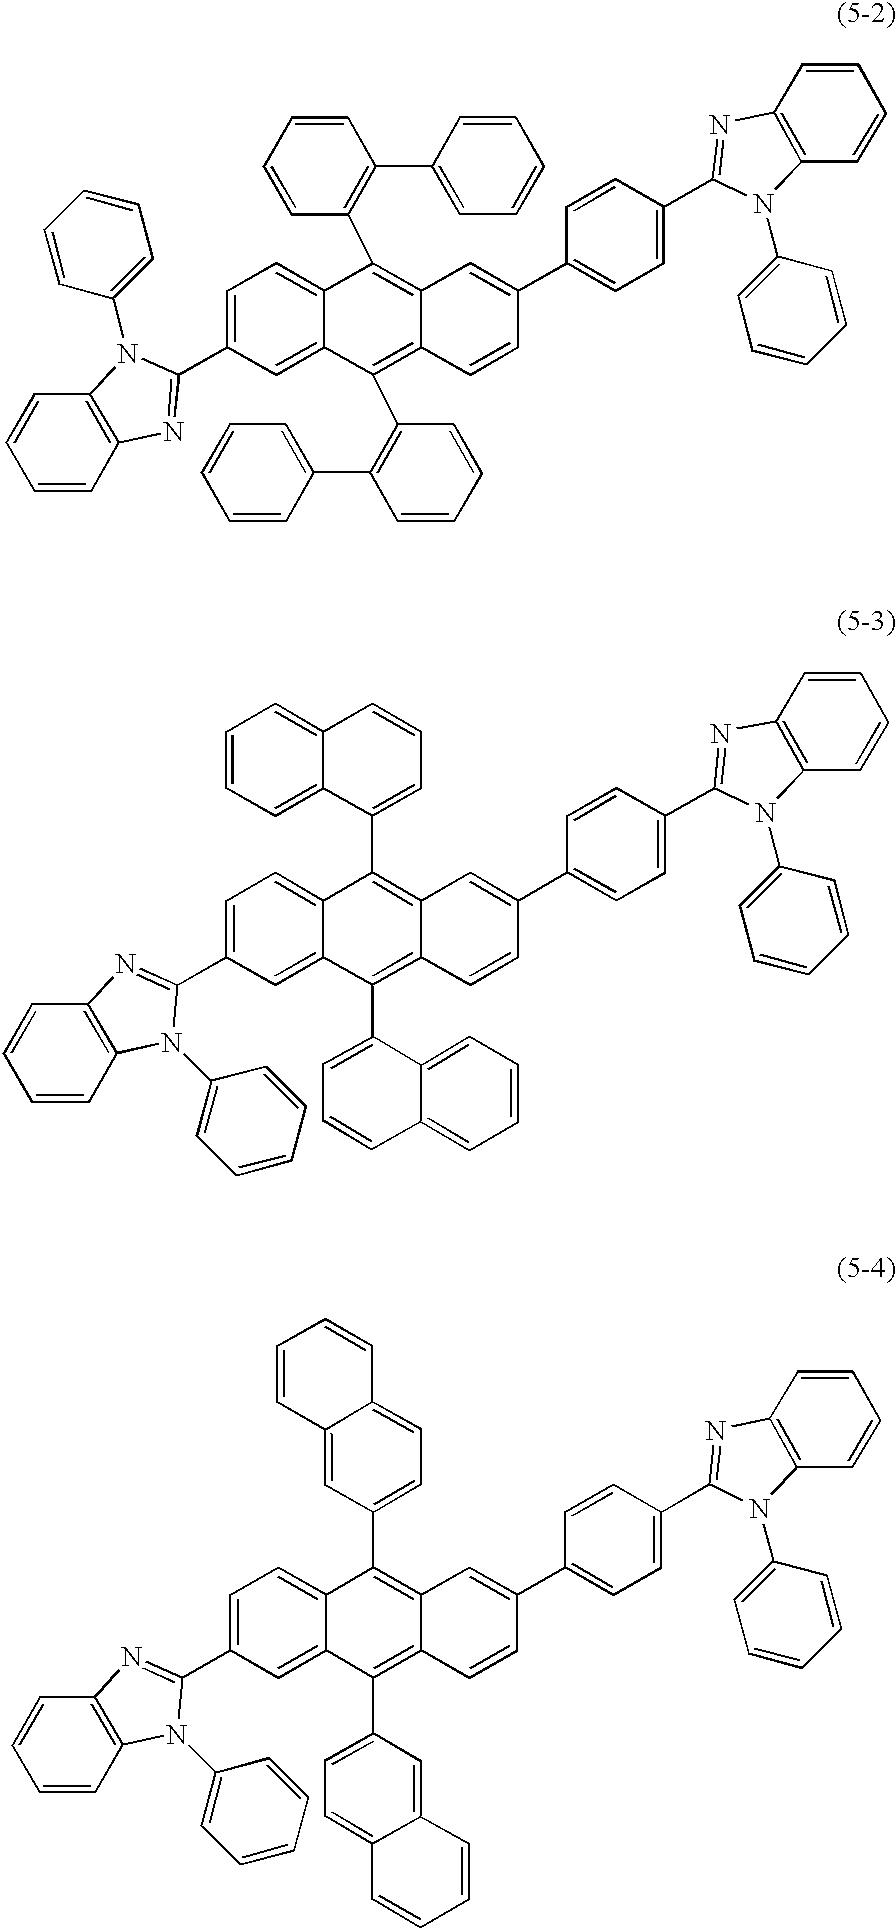 Figure US20030165715A1-20030904-C00032